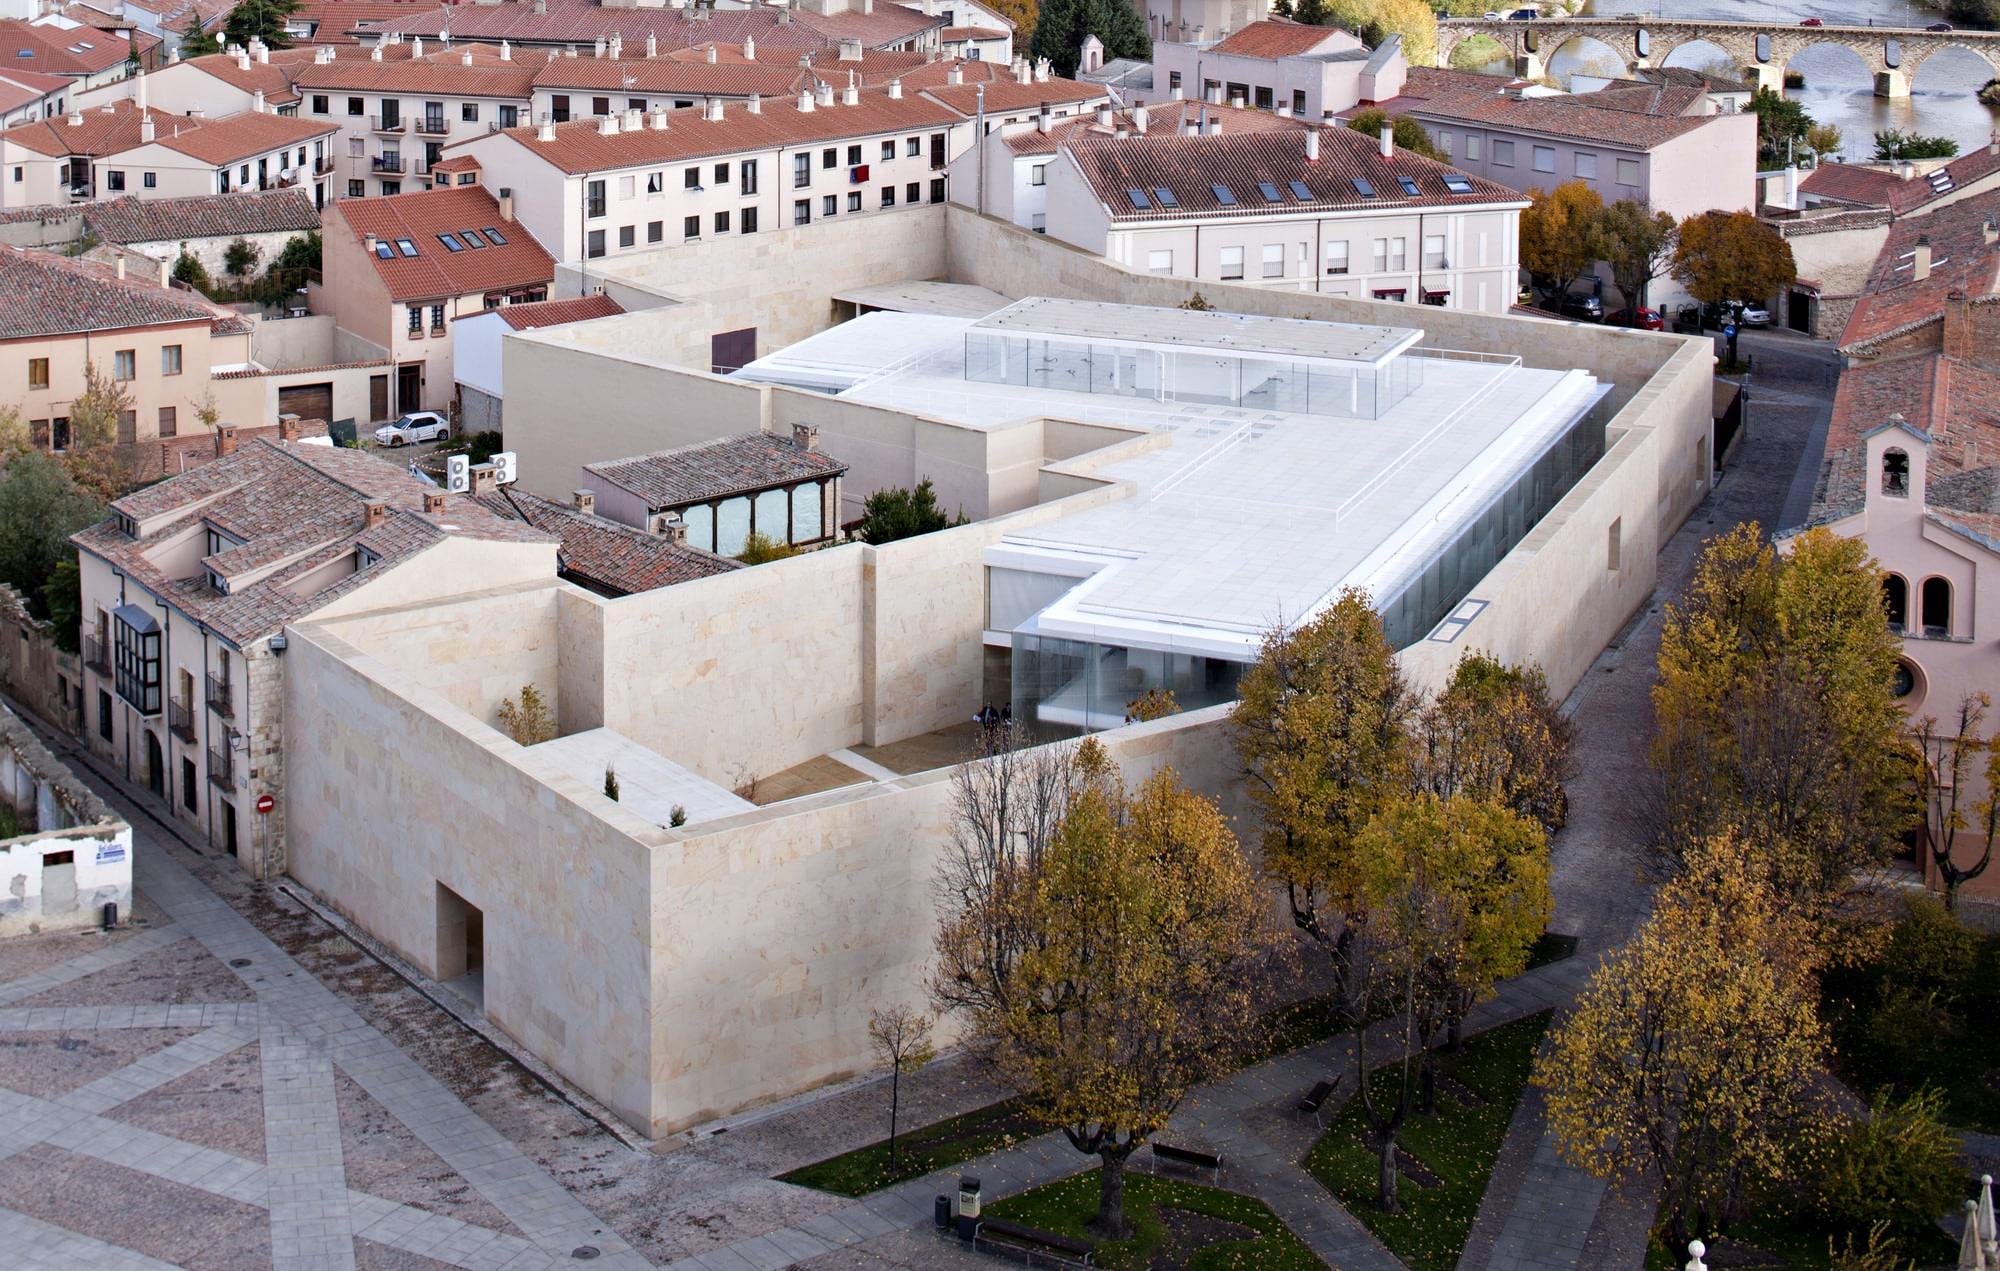 Zamora Offices by Alberto Campo Baeza, Photo by Javier Callejas Sevilla